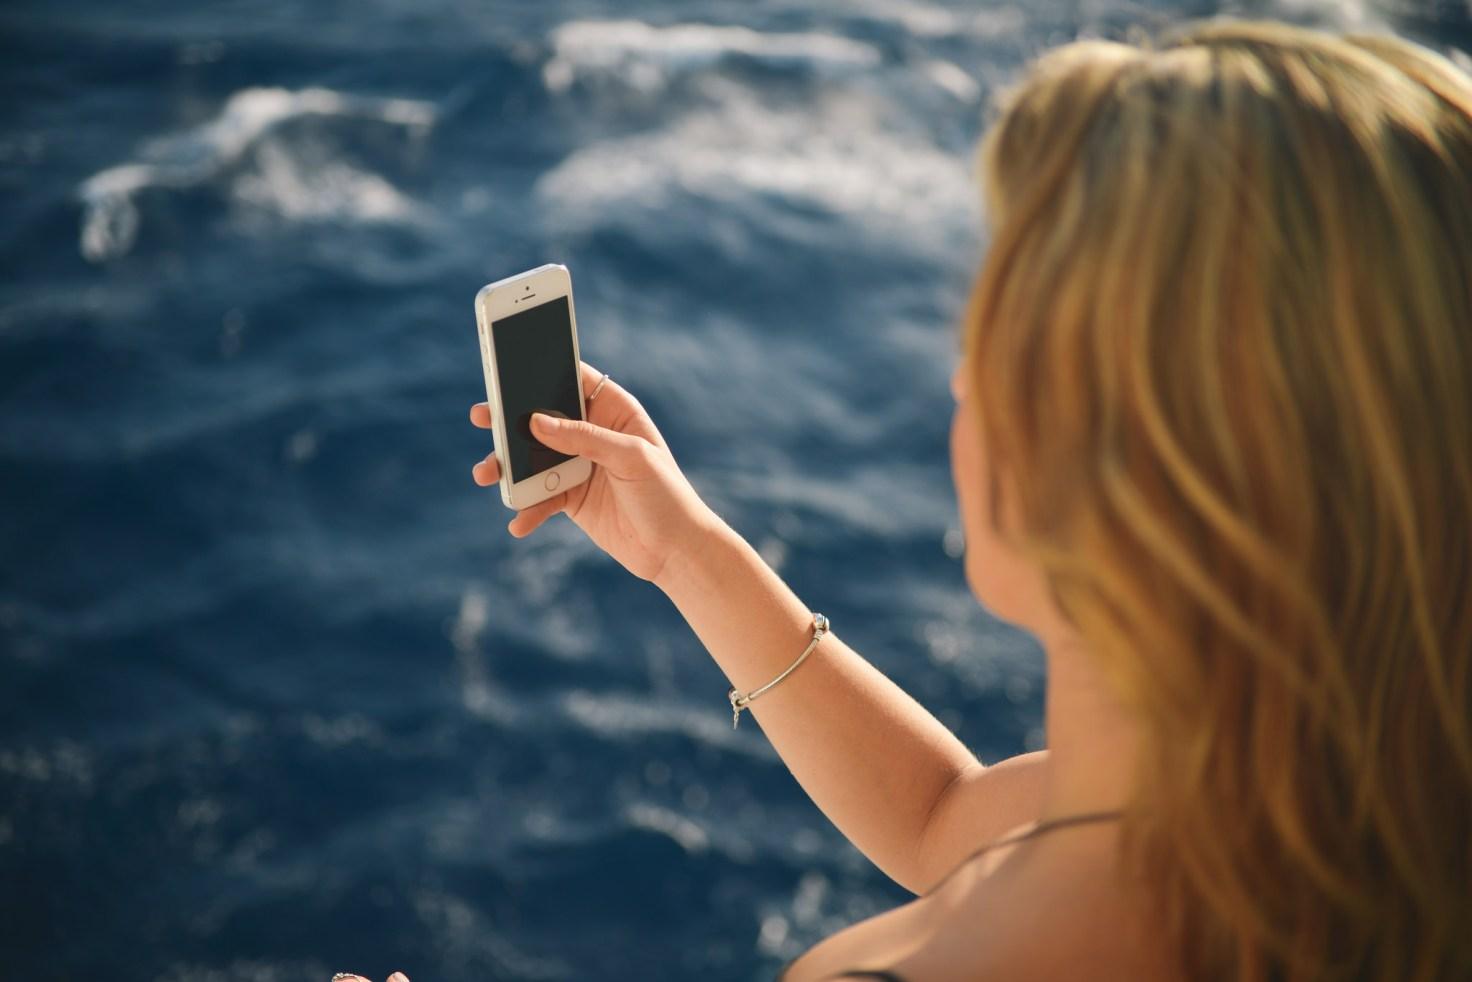 Лучшие приложения для любителей морских путешествий (Часть II)